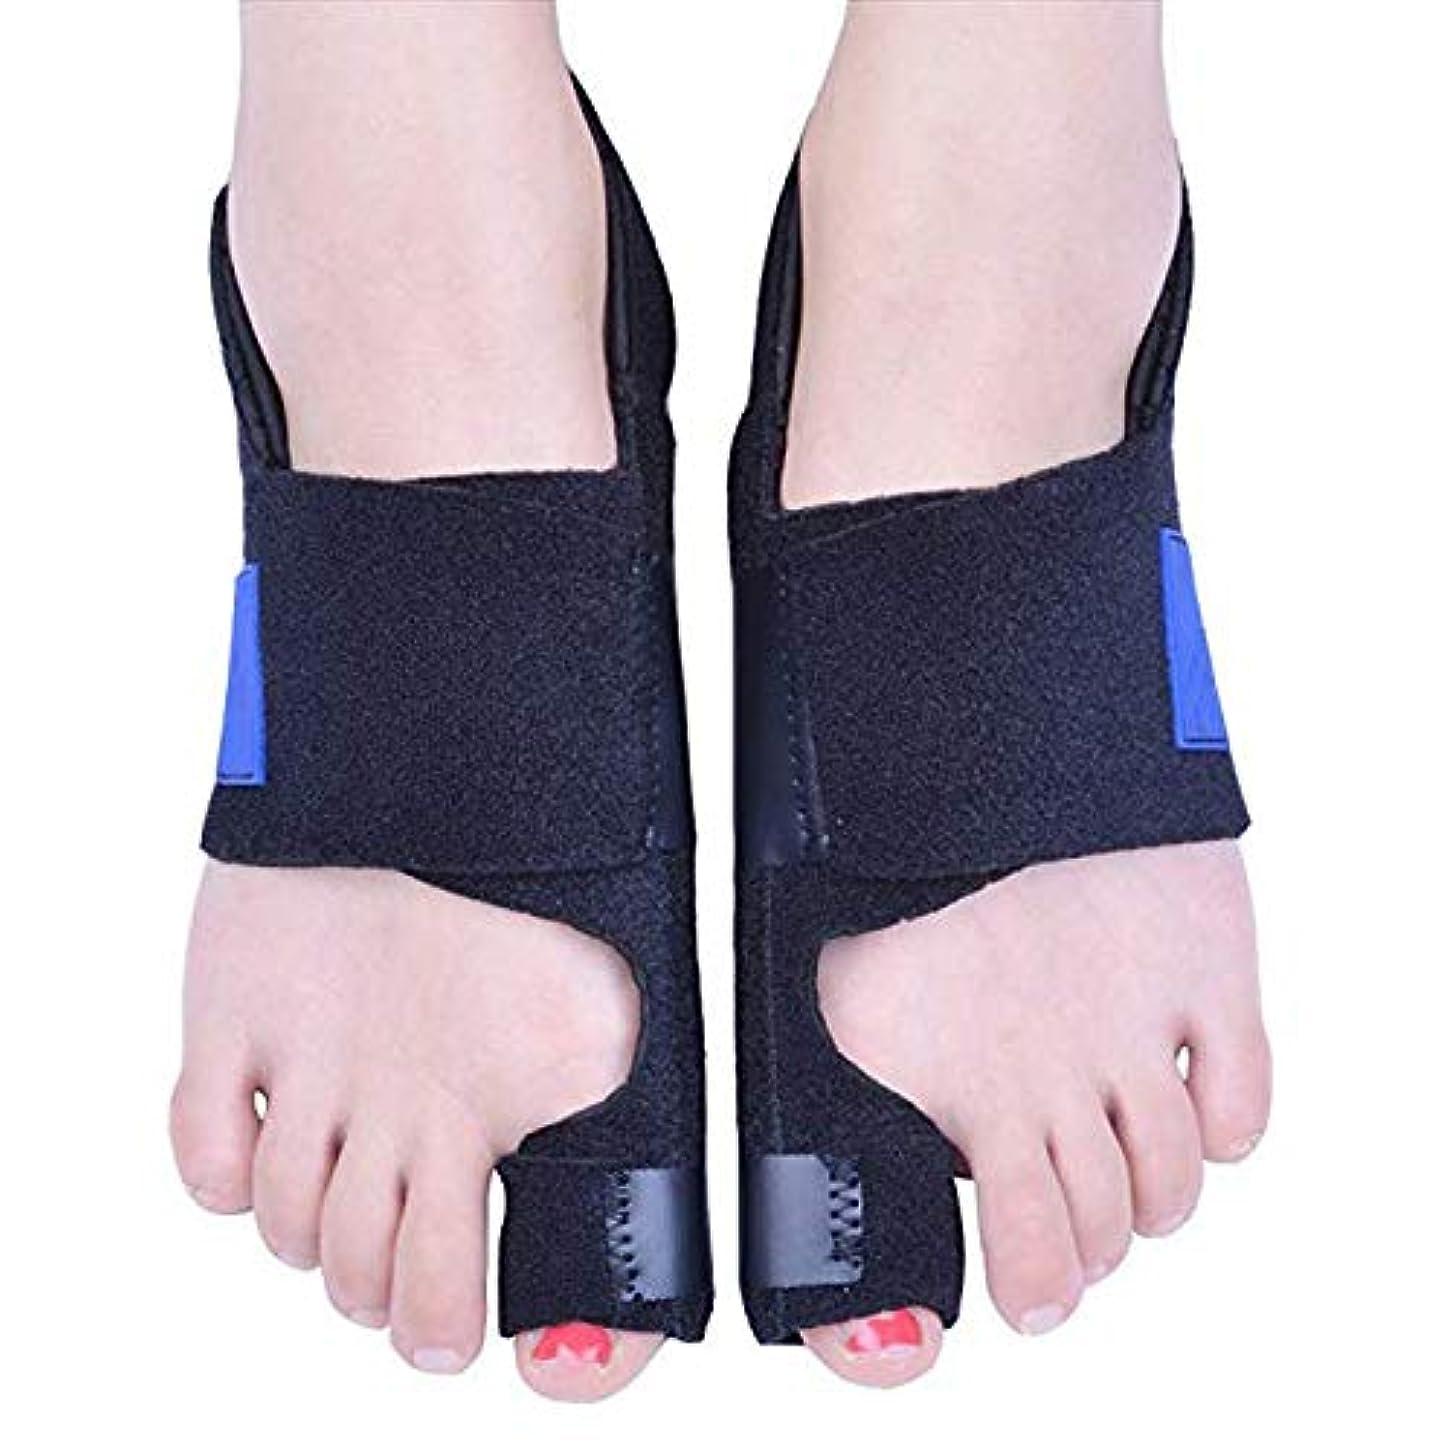 着替える支援チャップ腰部の足のアライナーと腱膜瘤の救済、女性と男性の整形外科の足の親指の矯正、昼と夜のサポート、外反母ofの治療と予防,Black